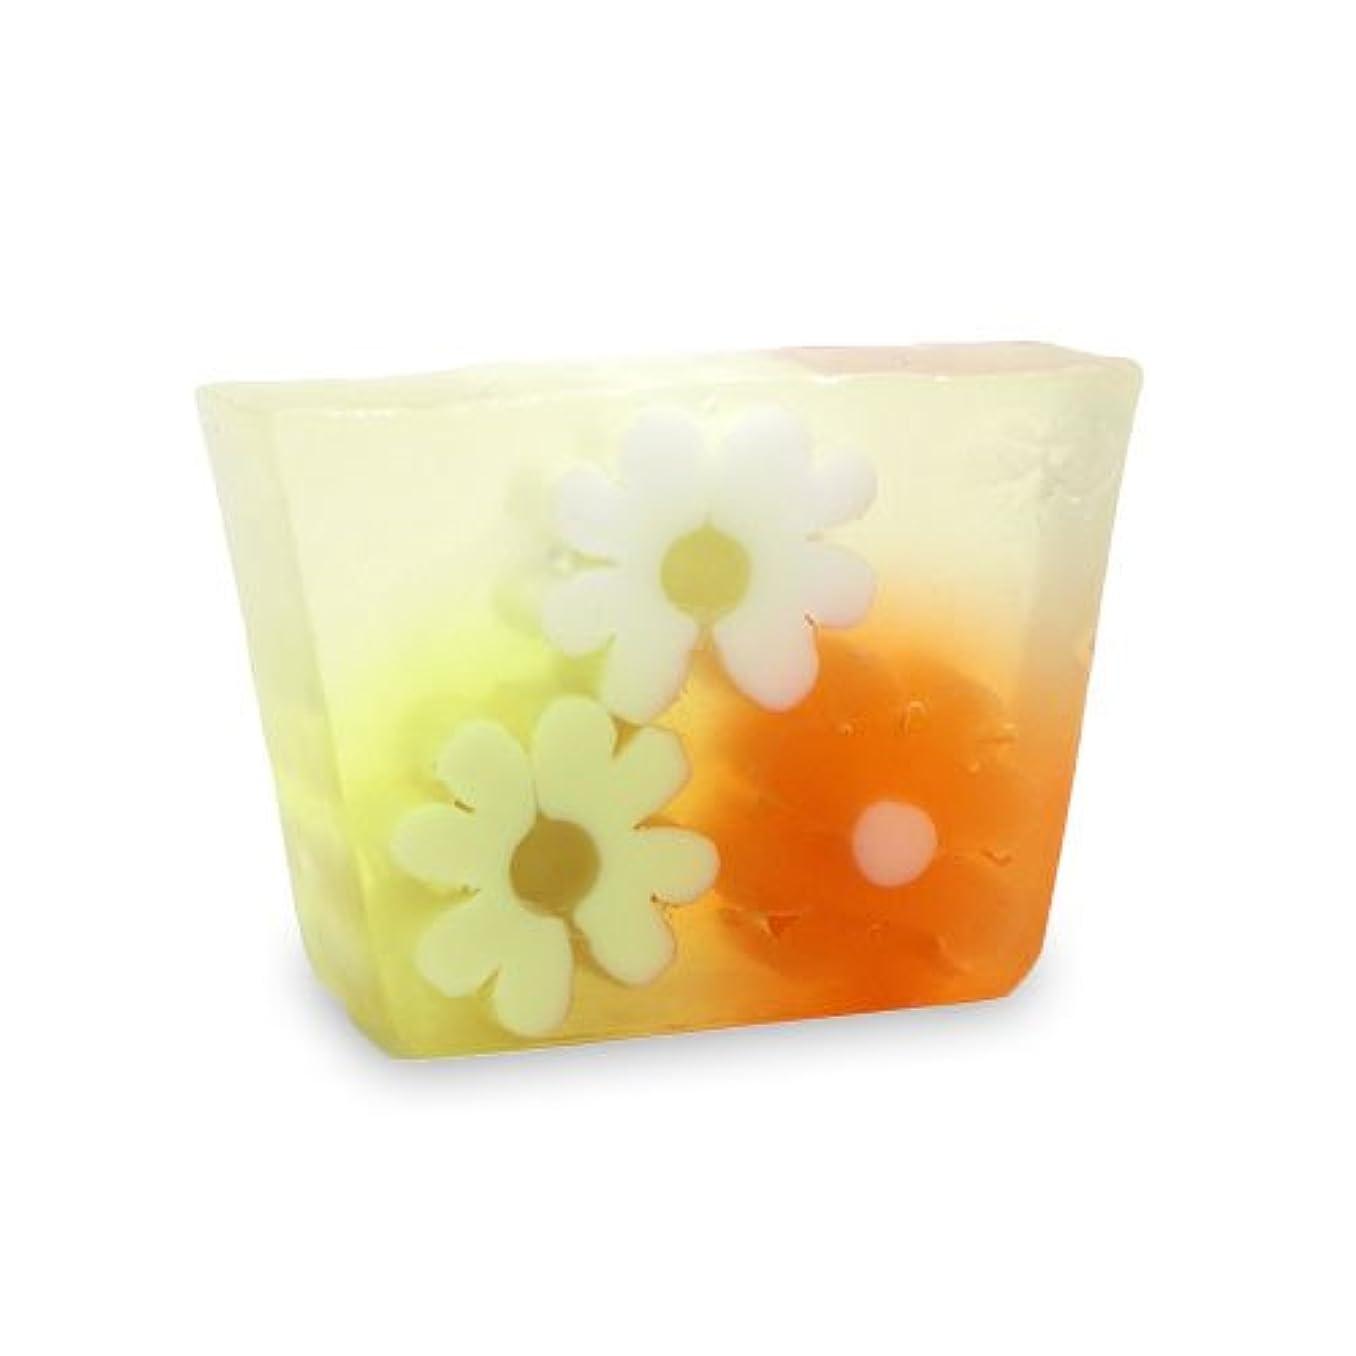 したい命令藤色プライモールエレメンツ アロマティック ミニソープ オレンジフラワーショップ 80g 植物性 ナチュラル 石鹸 無添加